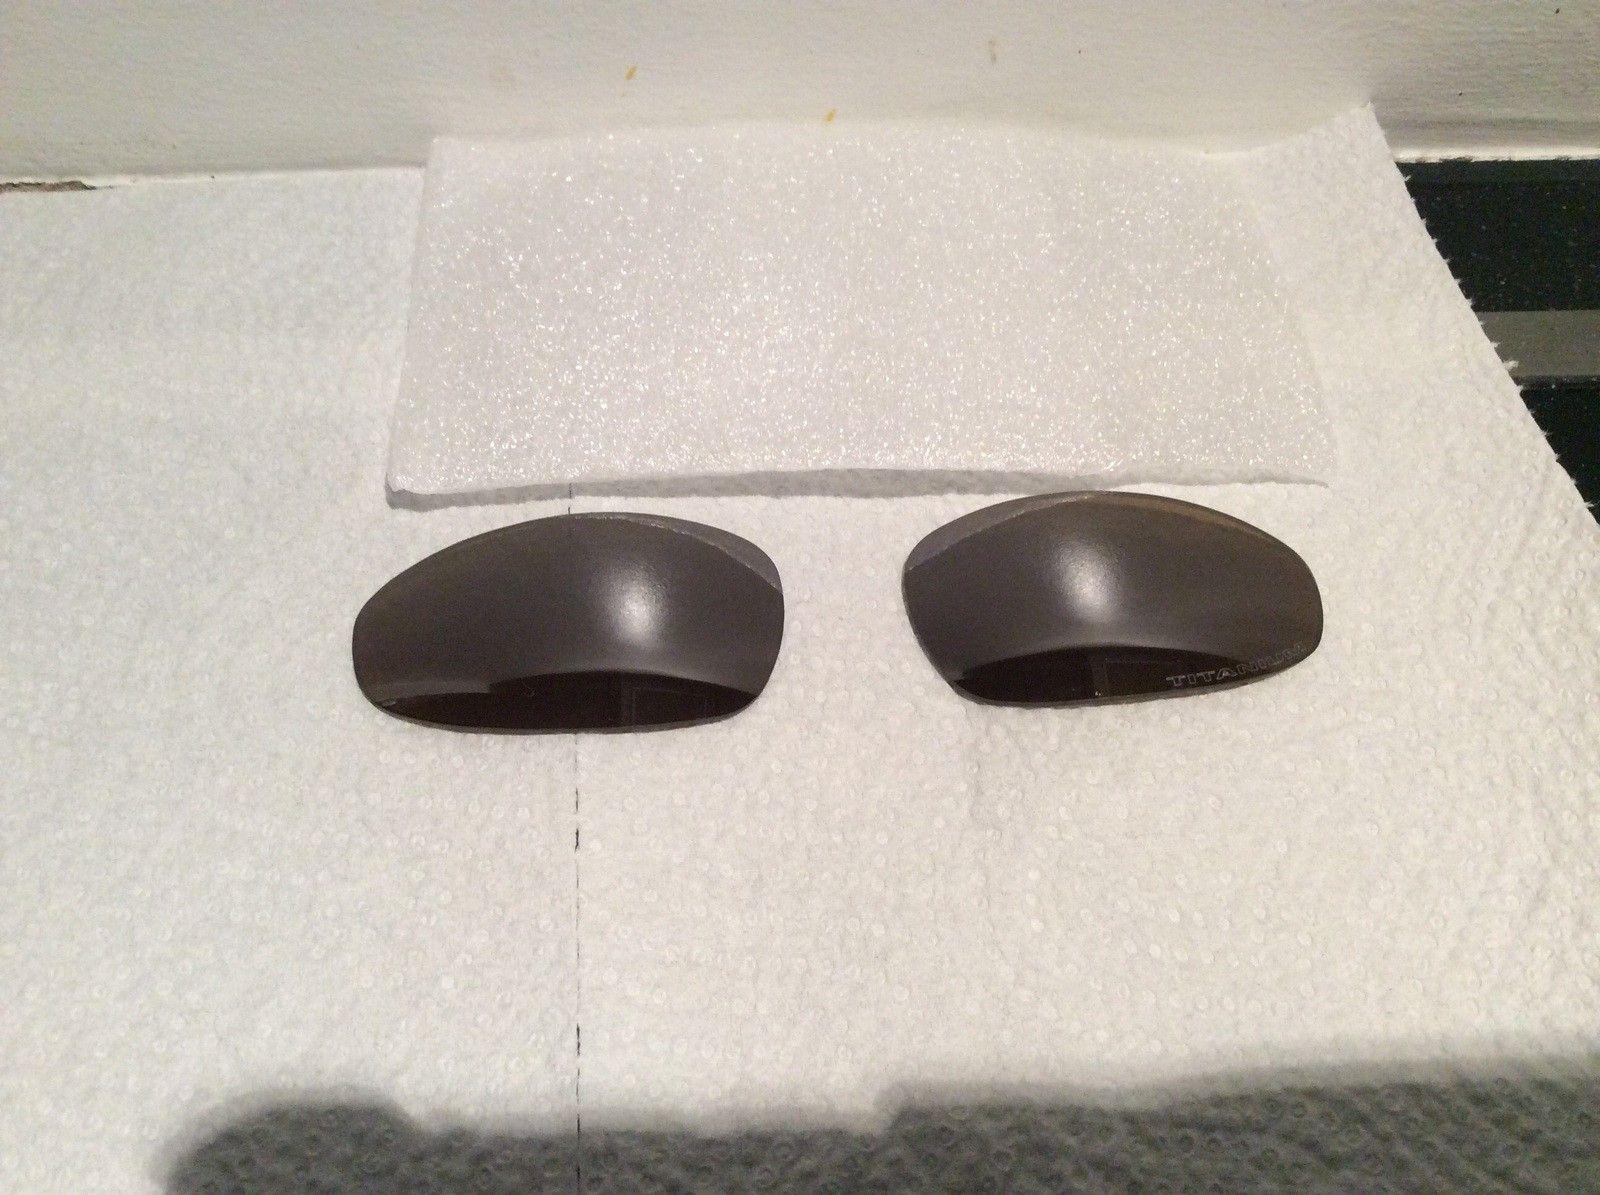 Juliet Titanium lenses - pricedrop - image.jpg